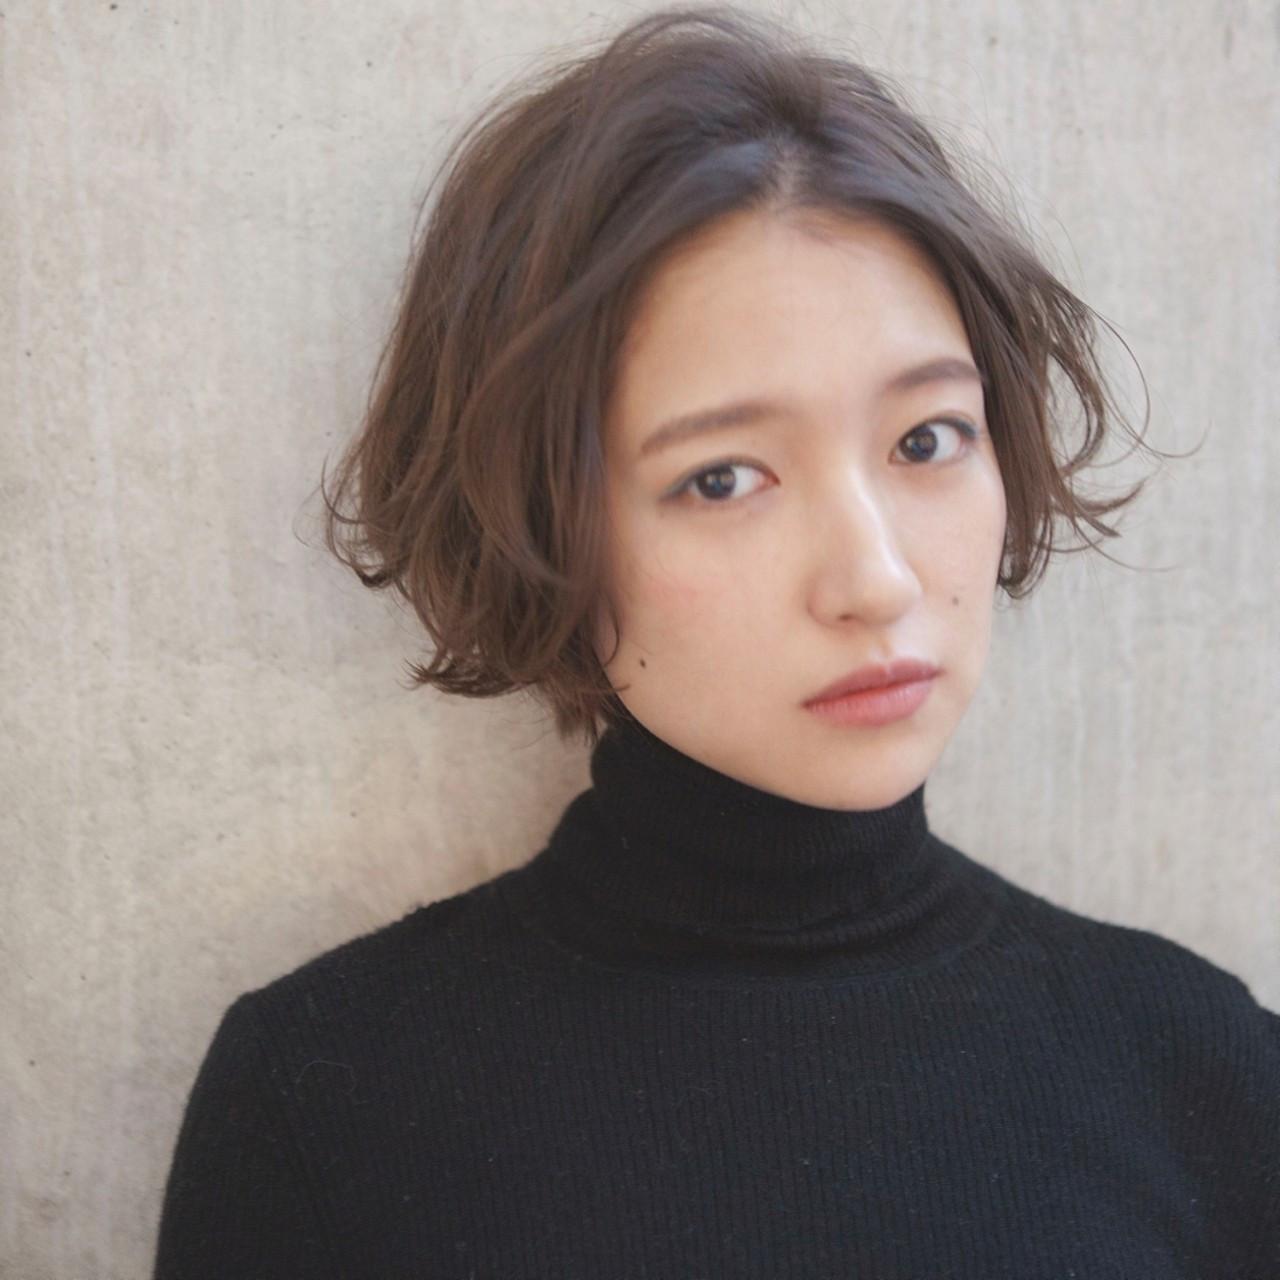 海外モデル風のショートヘアの特徴 タカハシ アヤミ | ROVER